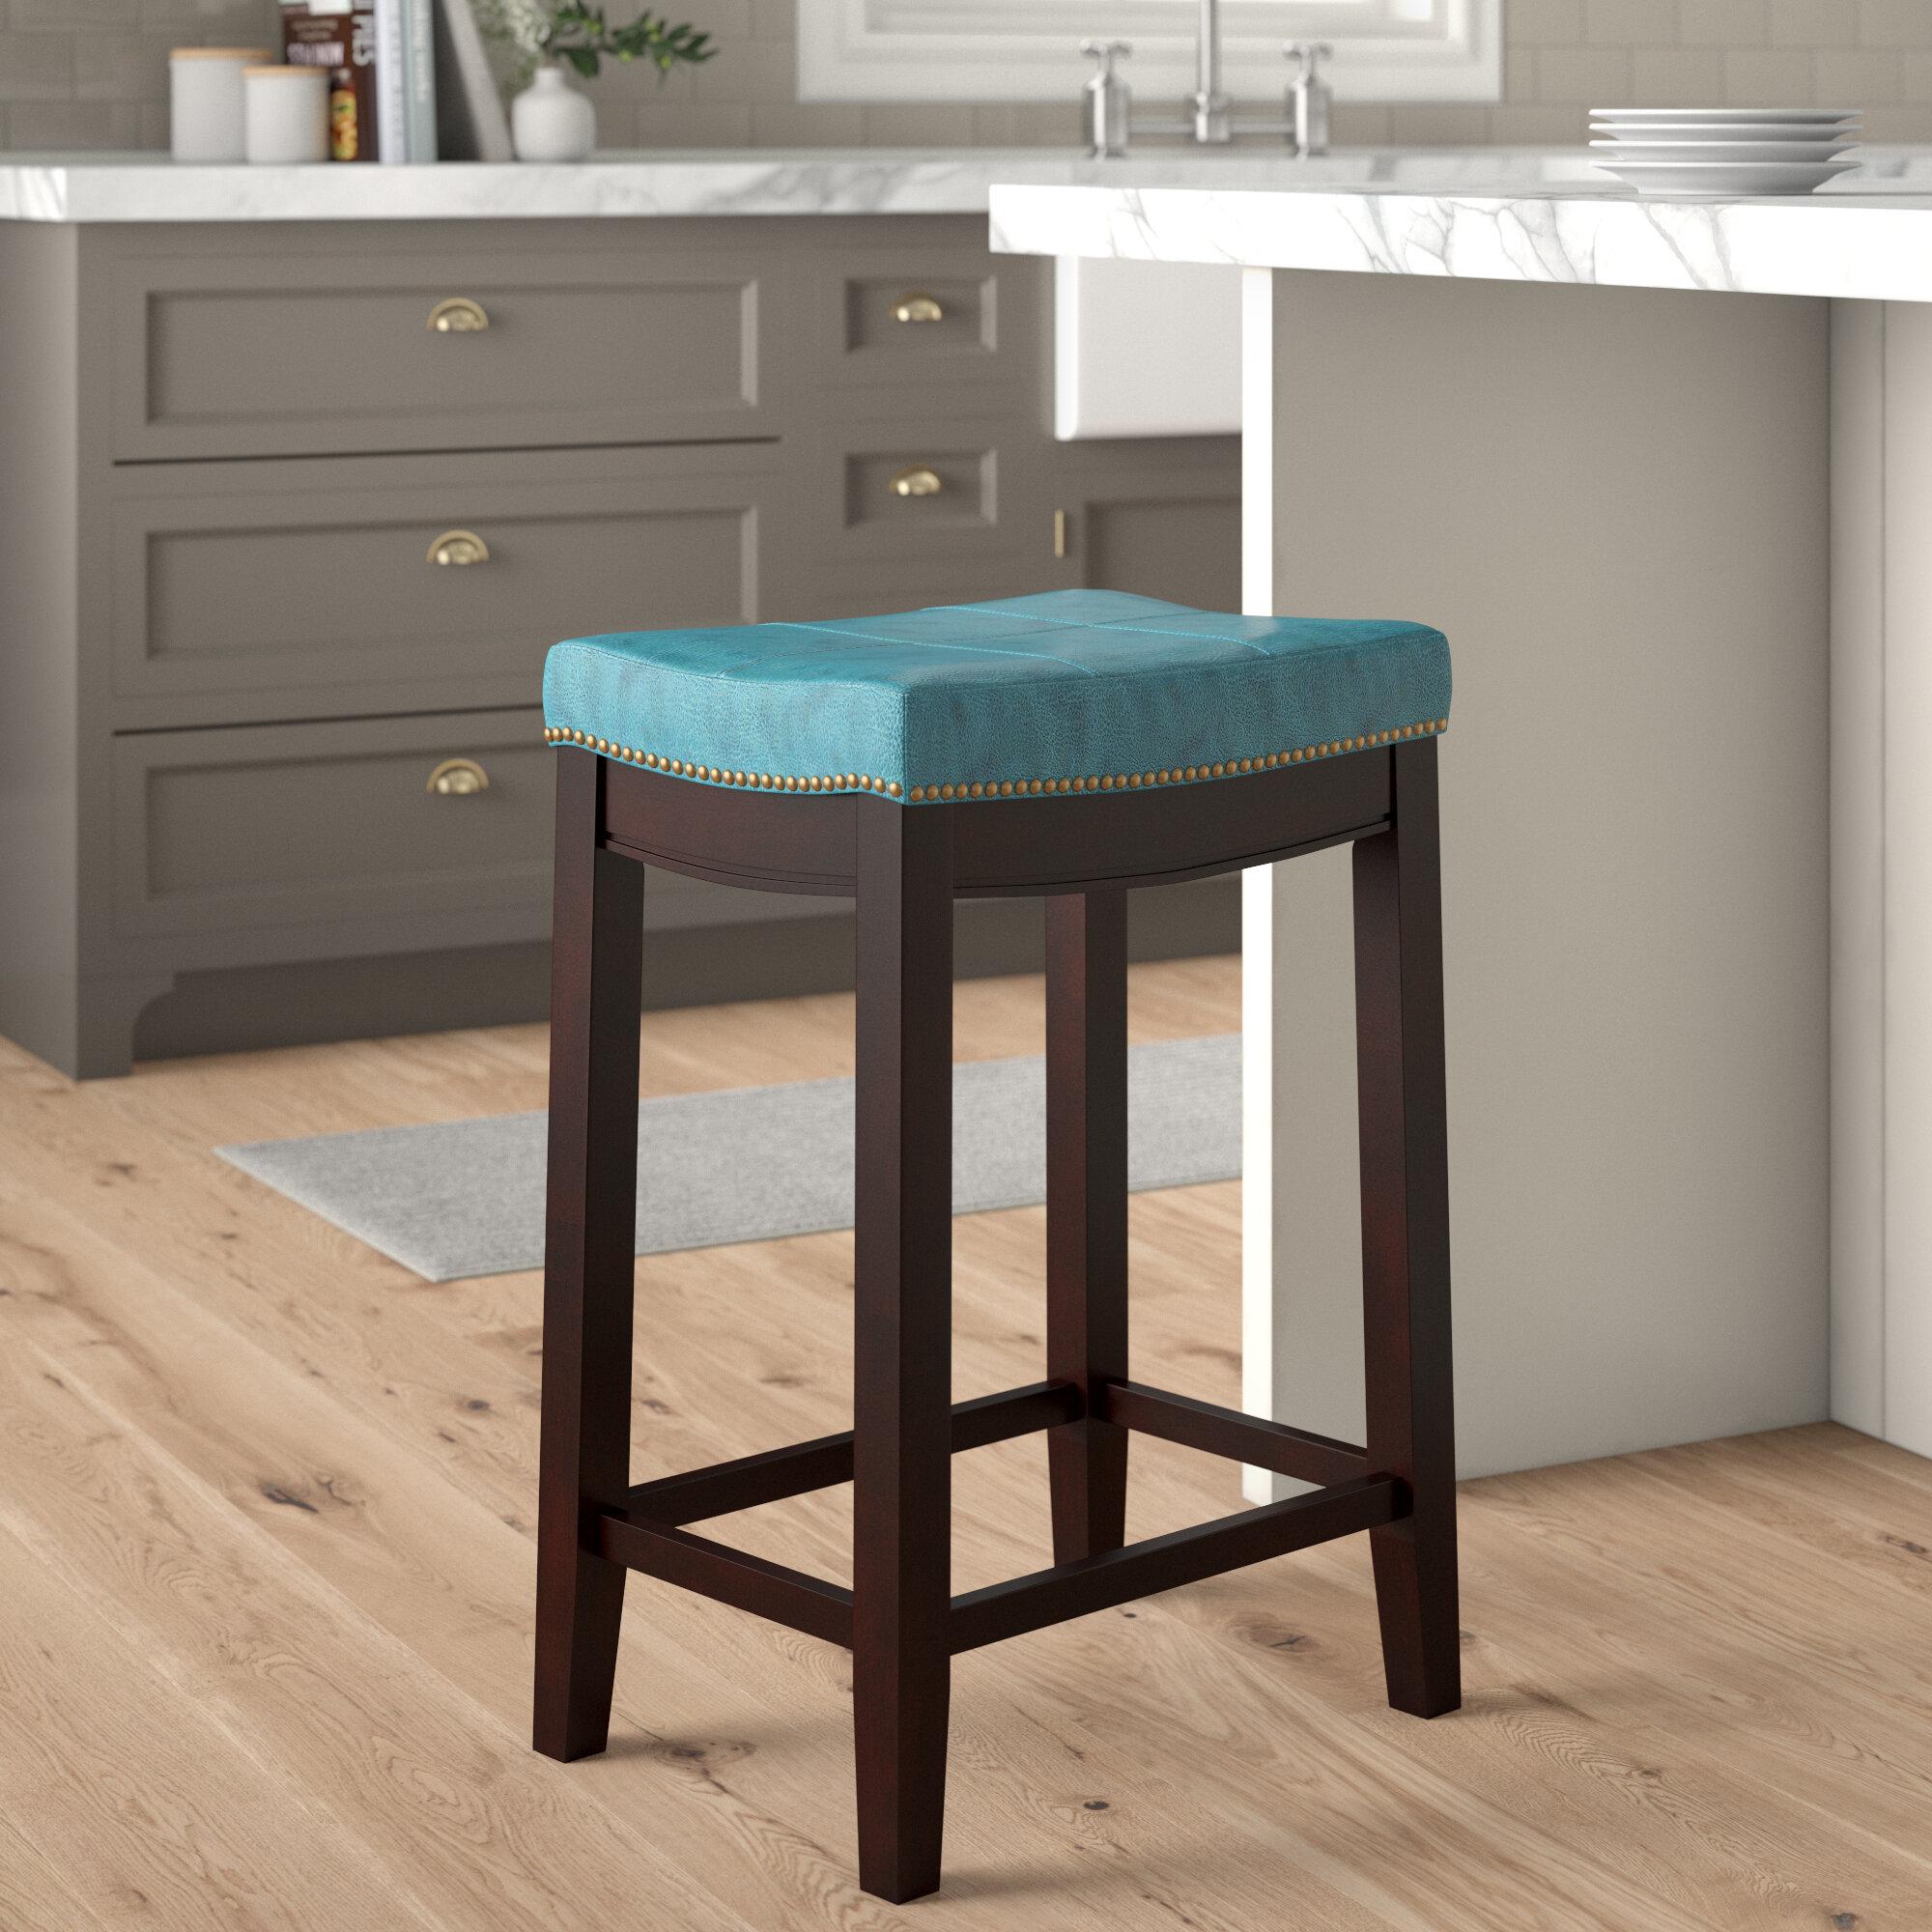 Cool Three Posts Russett Bar Counter Stool Reviews Wayfair Beatyapartments Chair Design Images Beatyapartmentscom